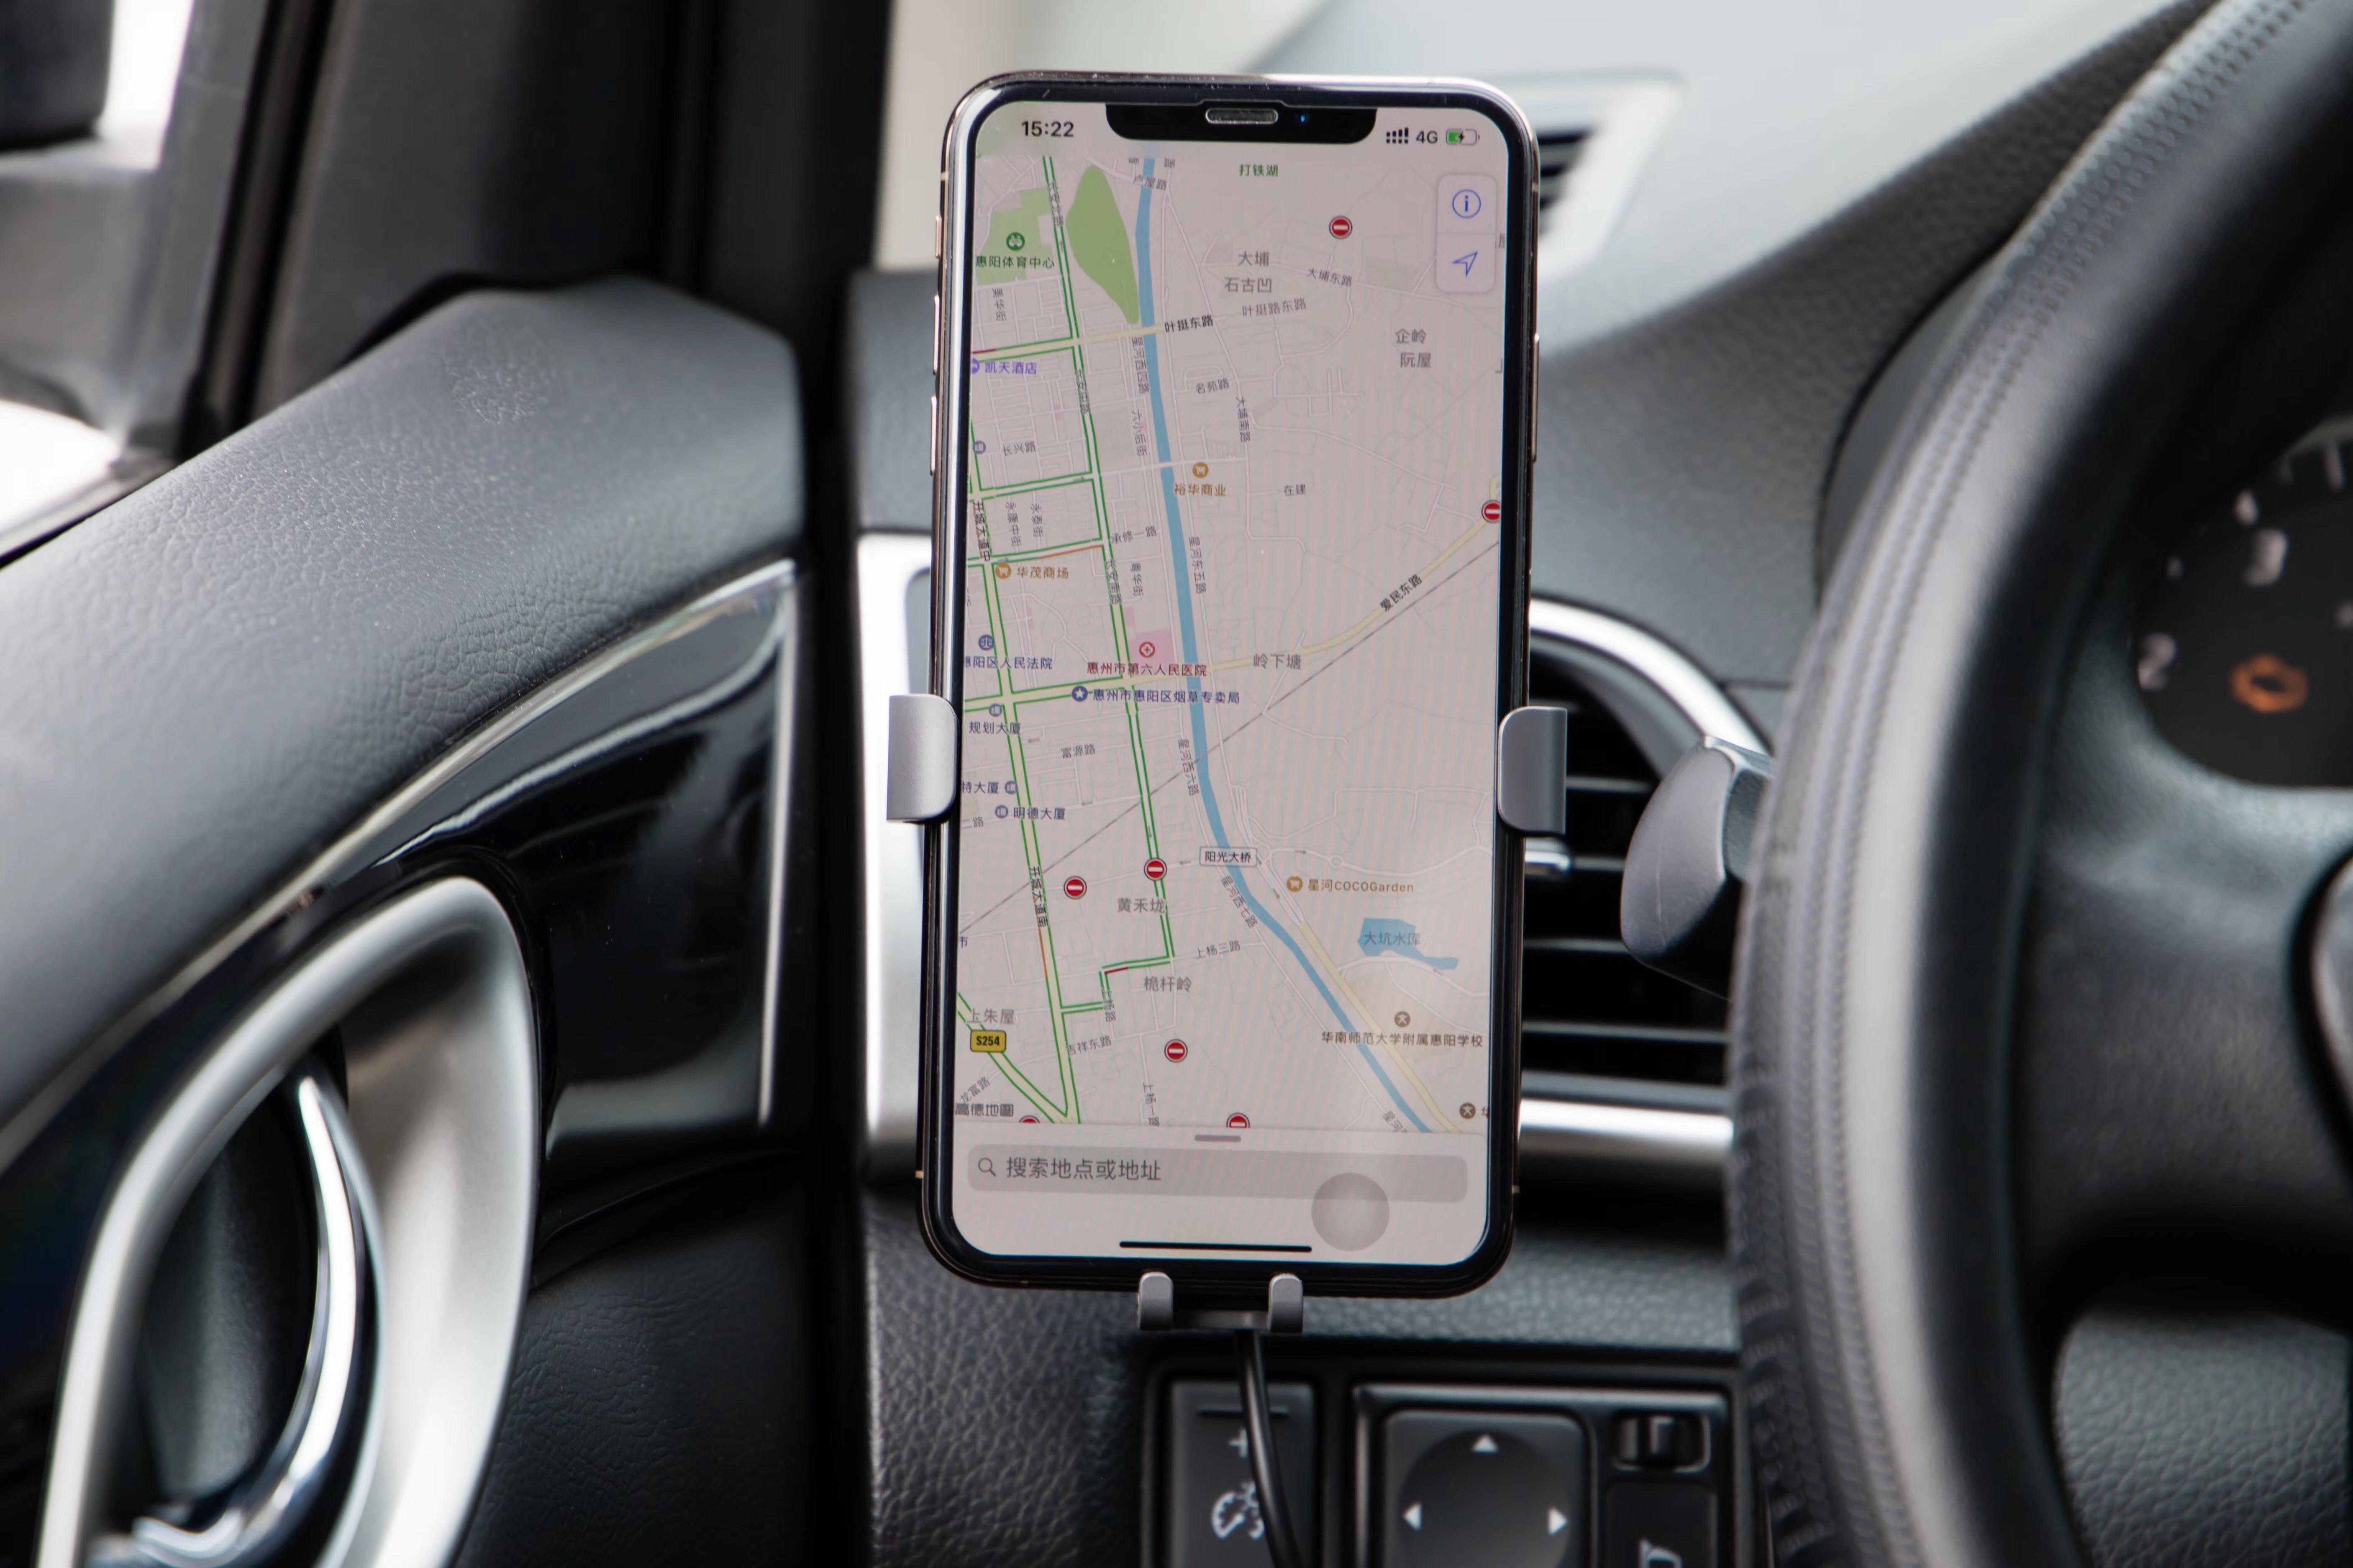 手机支架有几款 2018车载手机支架哪种好